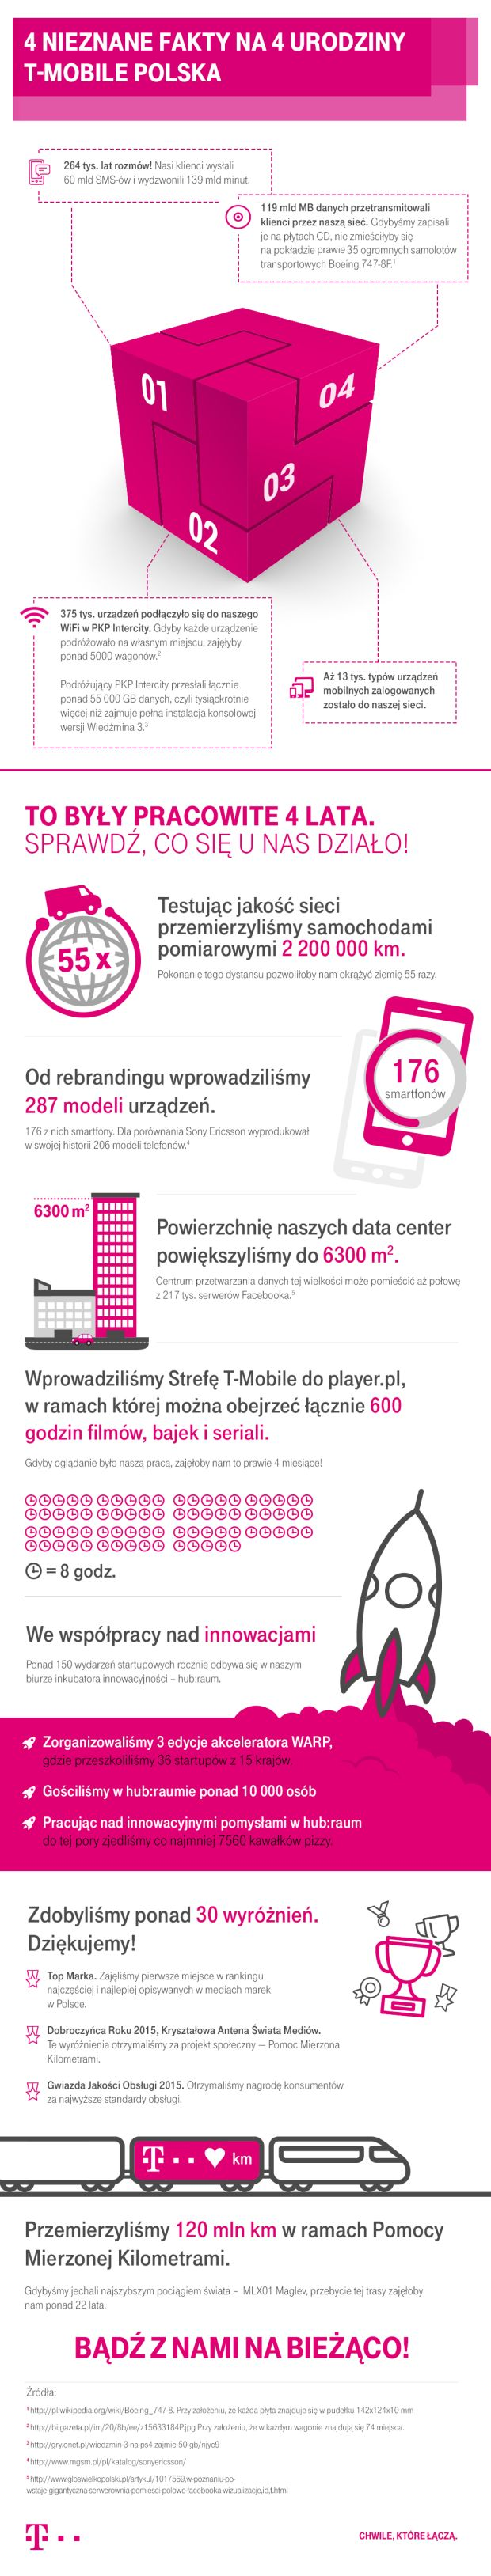 news-tmobile-4urodziny-1 T-Mobile Polska obchodzi 4 lata